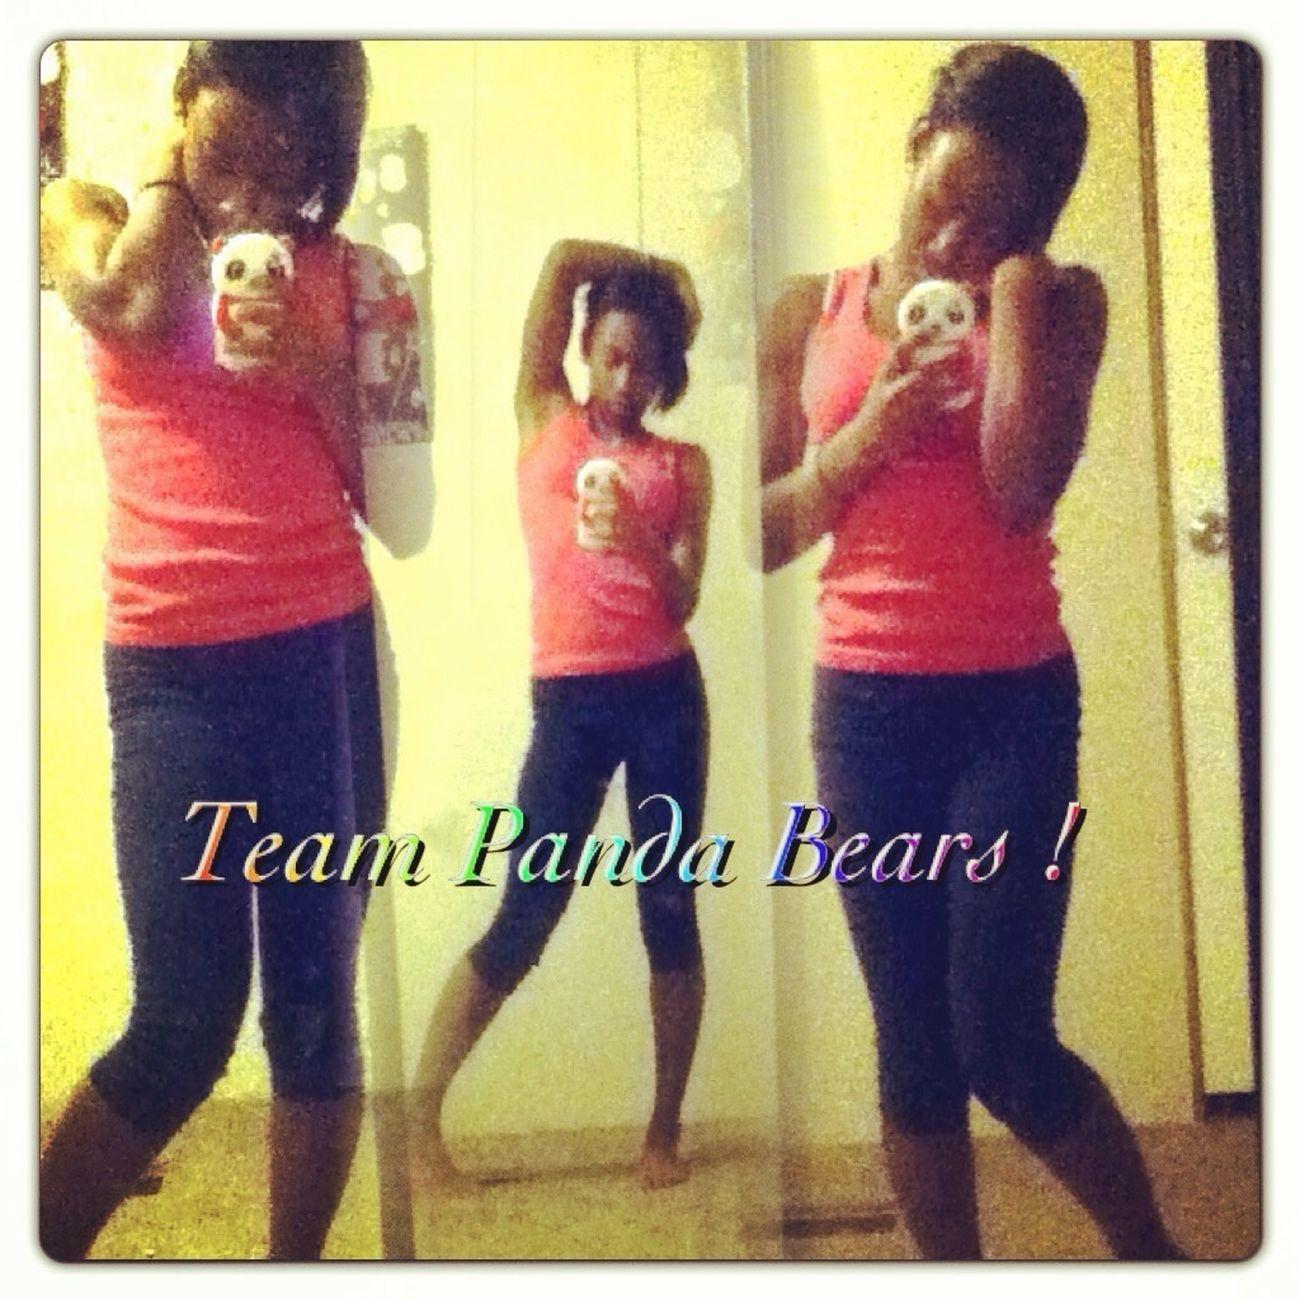 Team Panda Bears !